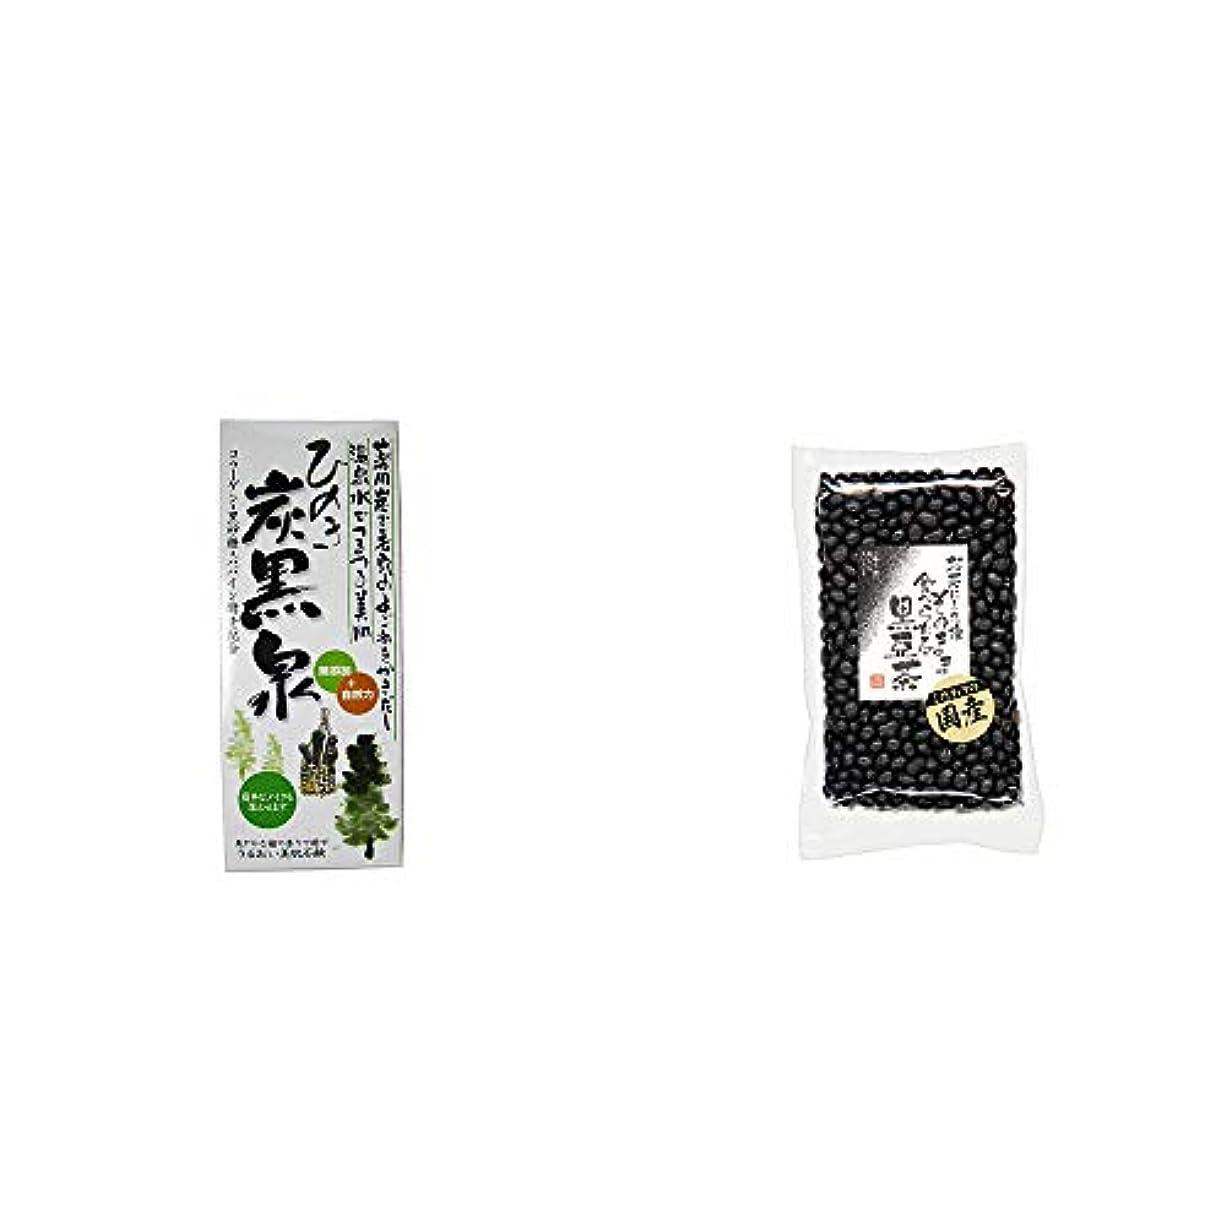 船外あたり病気の[2点セット] ひのき炭黒泉 箱入り(75g×3)?国産 黒豆茶(200g)